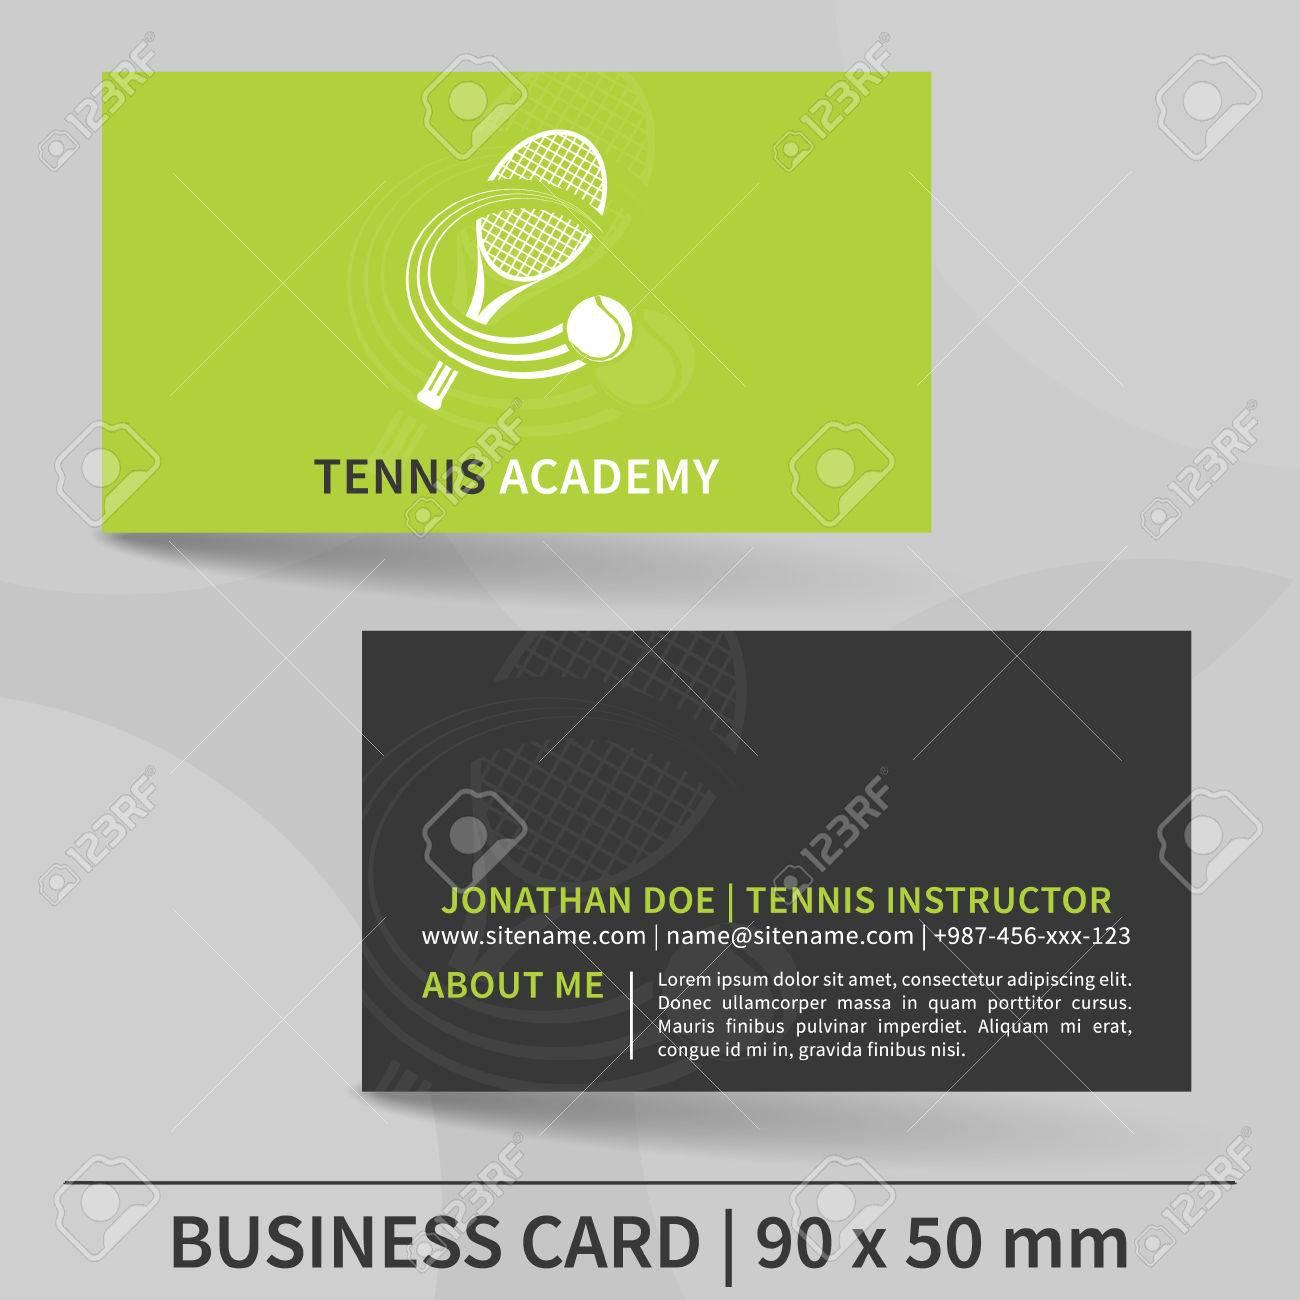 Modele De Carte Visite Pour Instructeur Tennis Concevoir